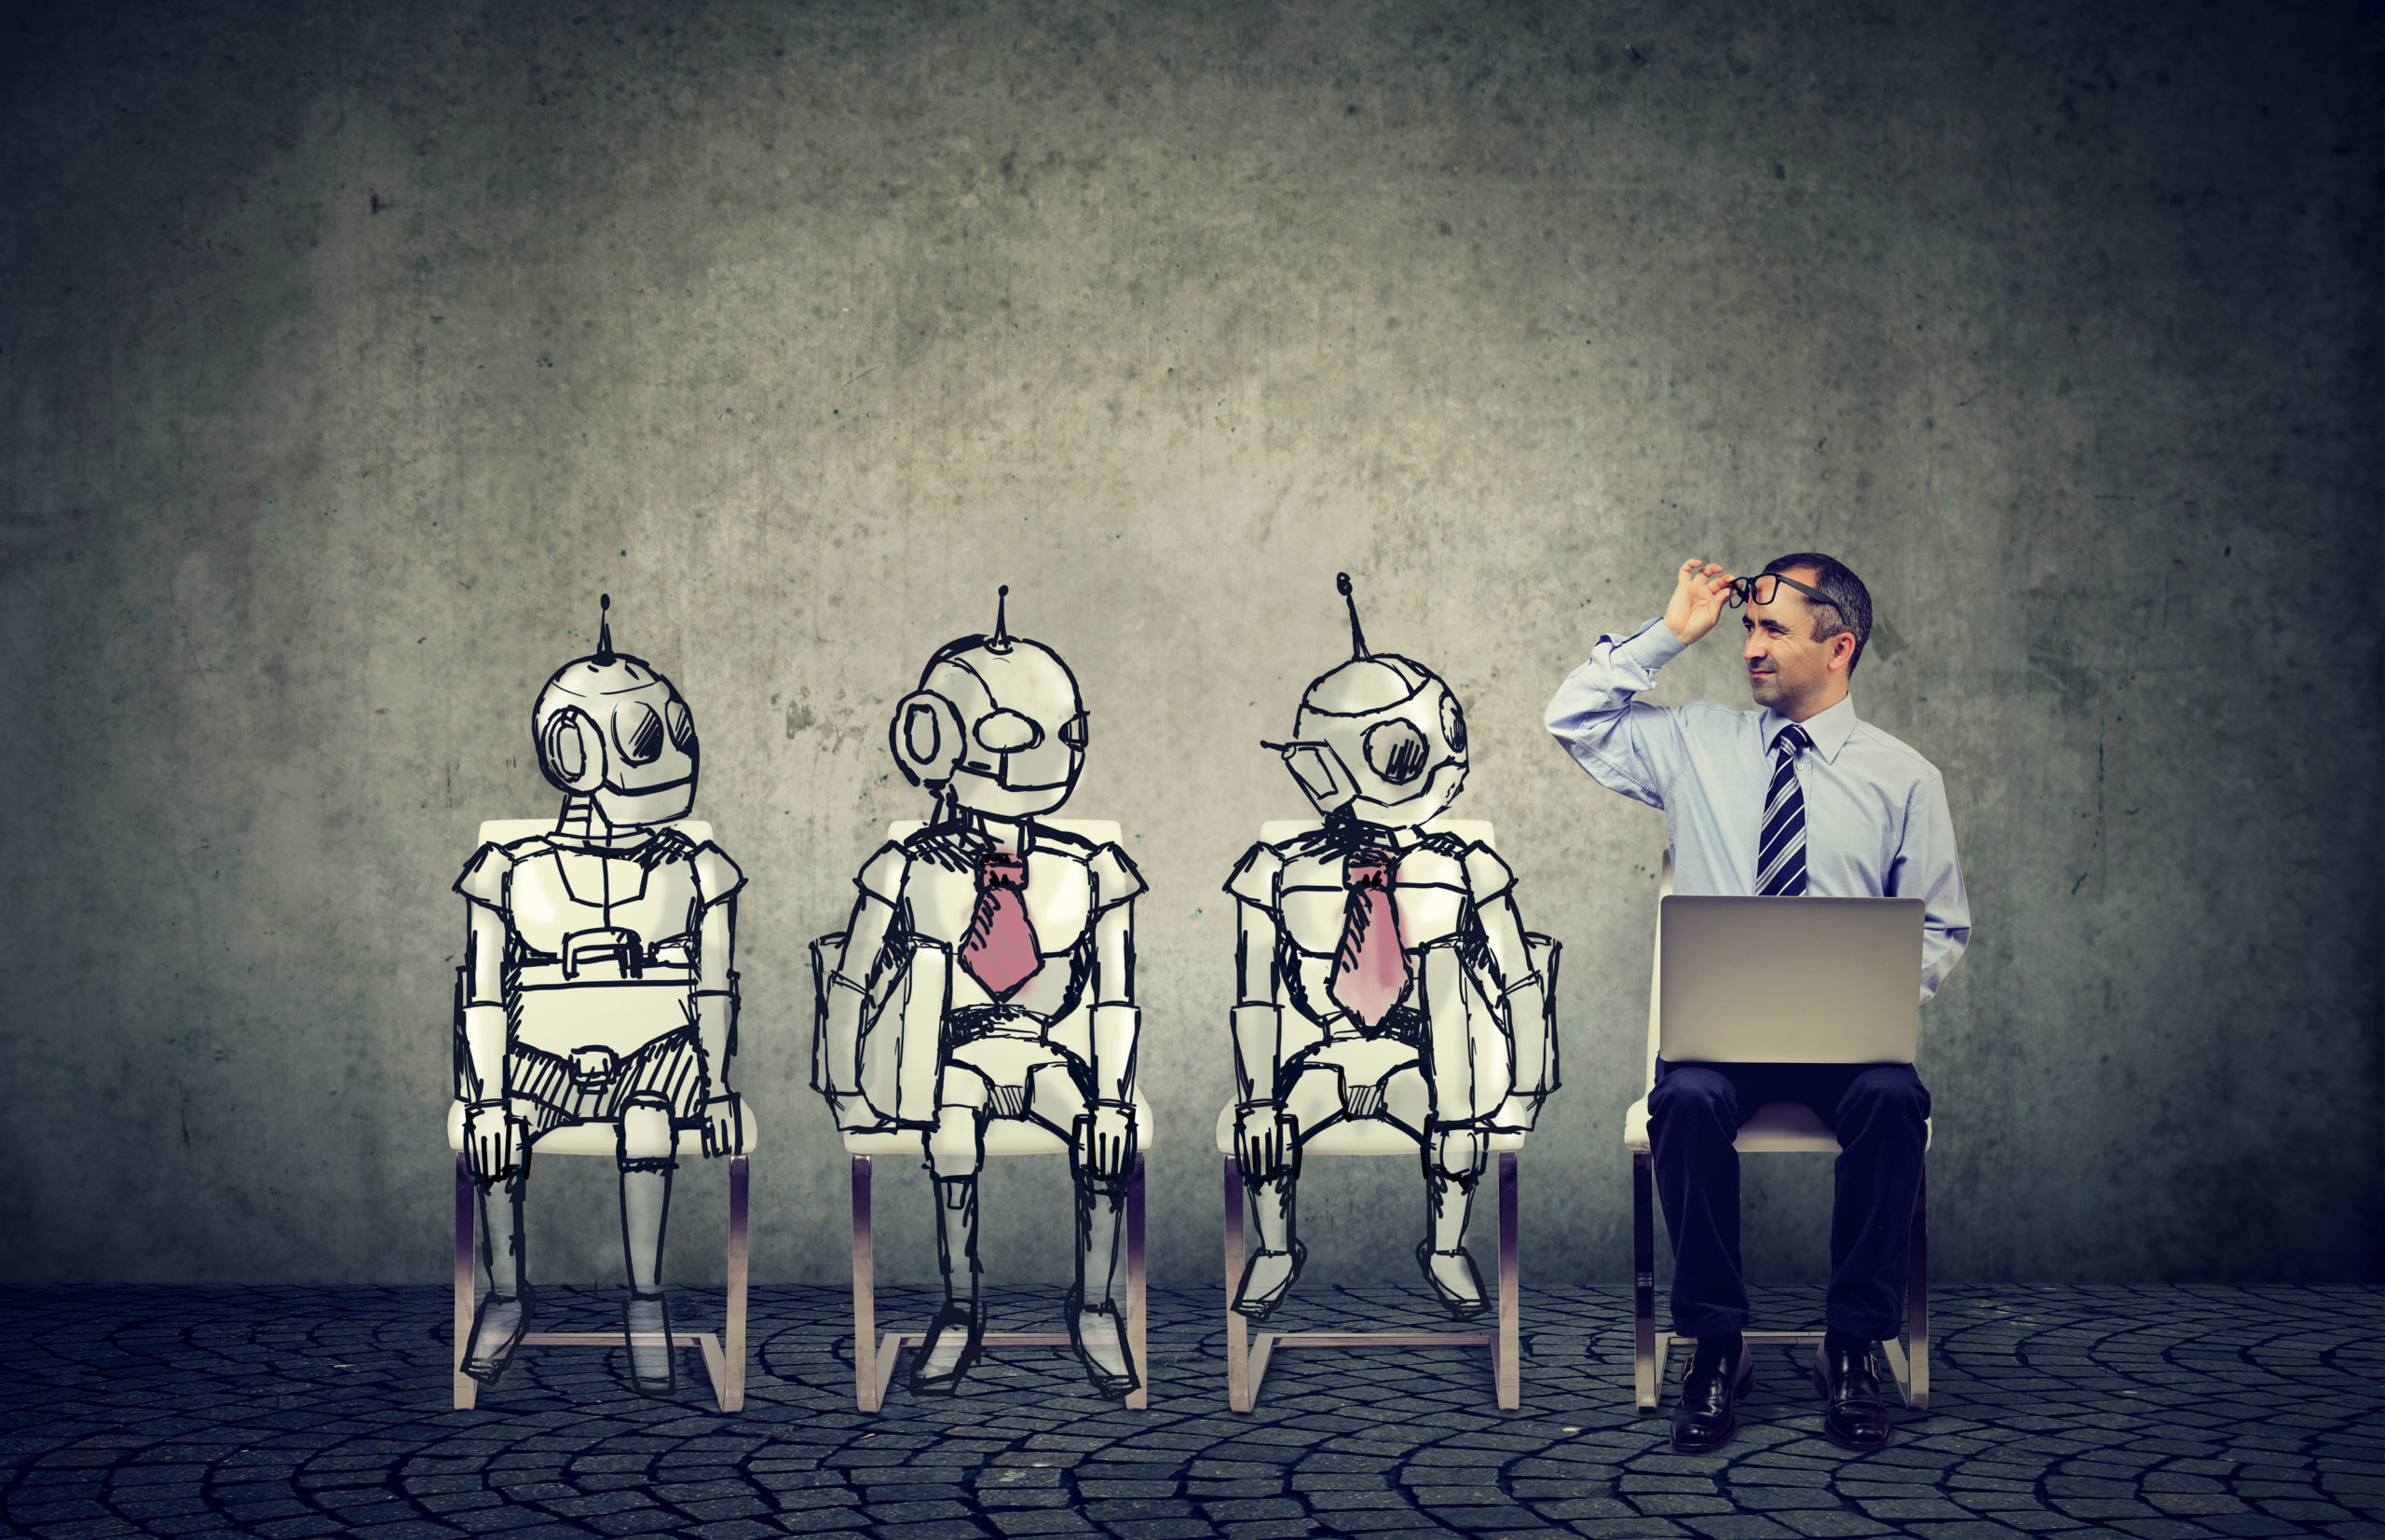 Mensch mit Laptop sitzt verwundert neben 3 RObotern / Ein Mann, der sich um eine Stelle bewirbt, konkurriert mit Cartoon-Robotern, die in der Schlange für ein Vorstellungsgespräch sitzen